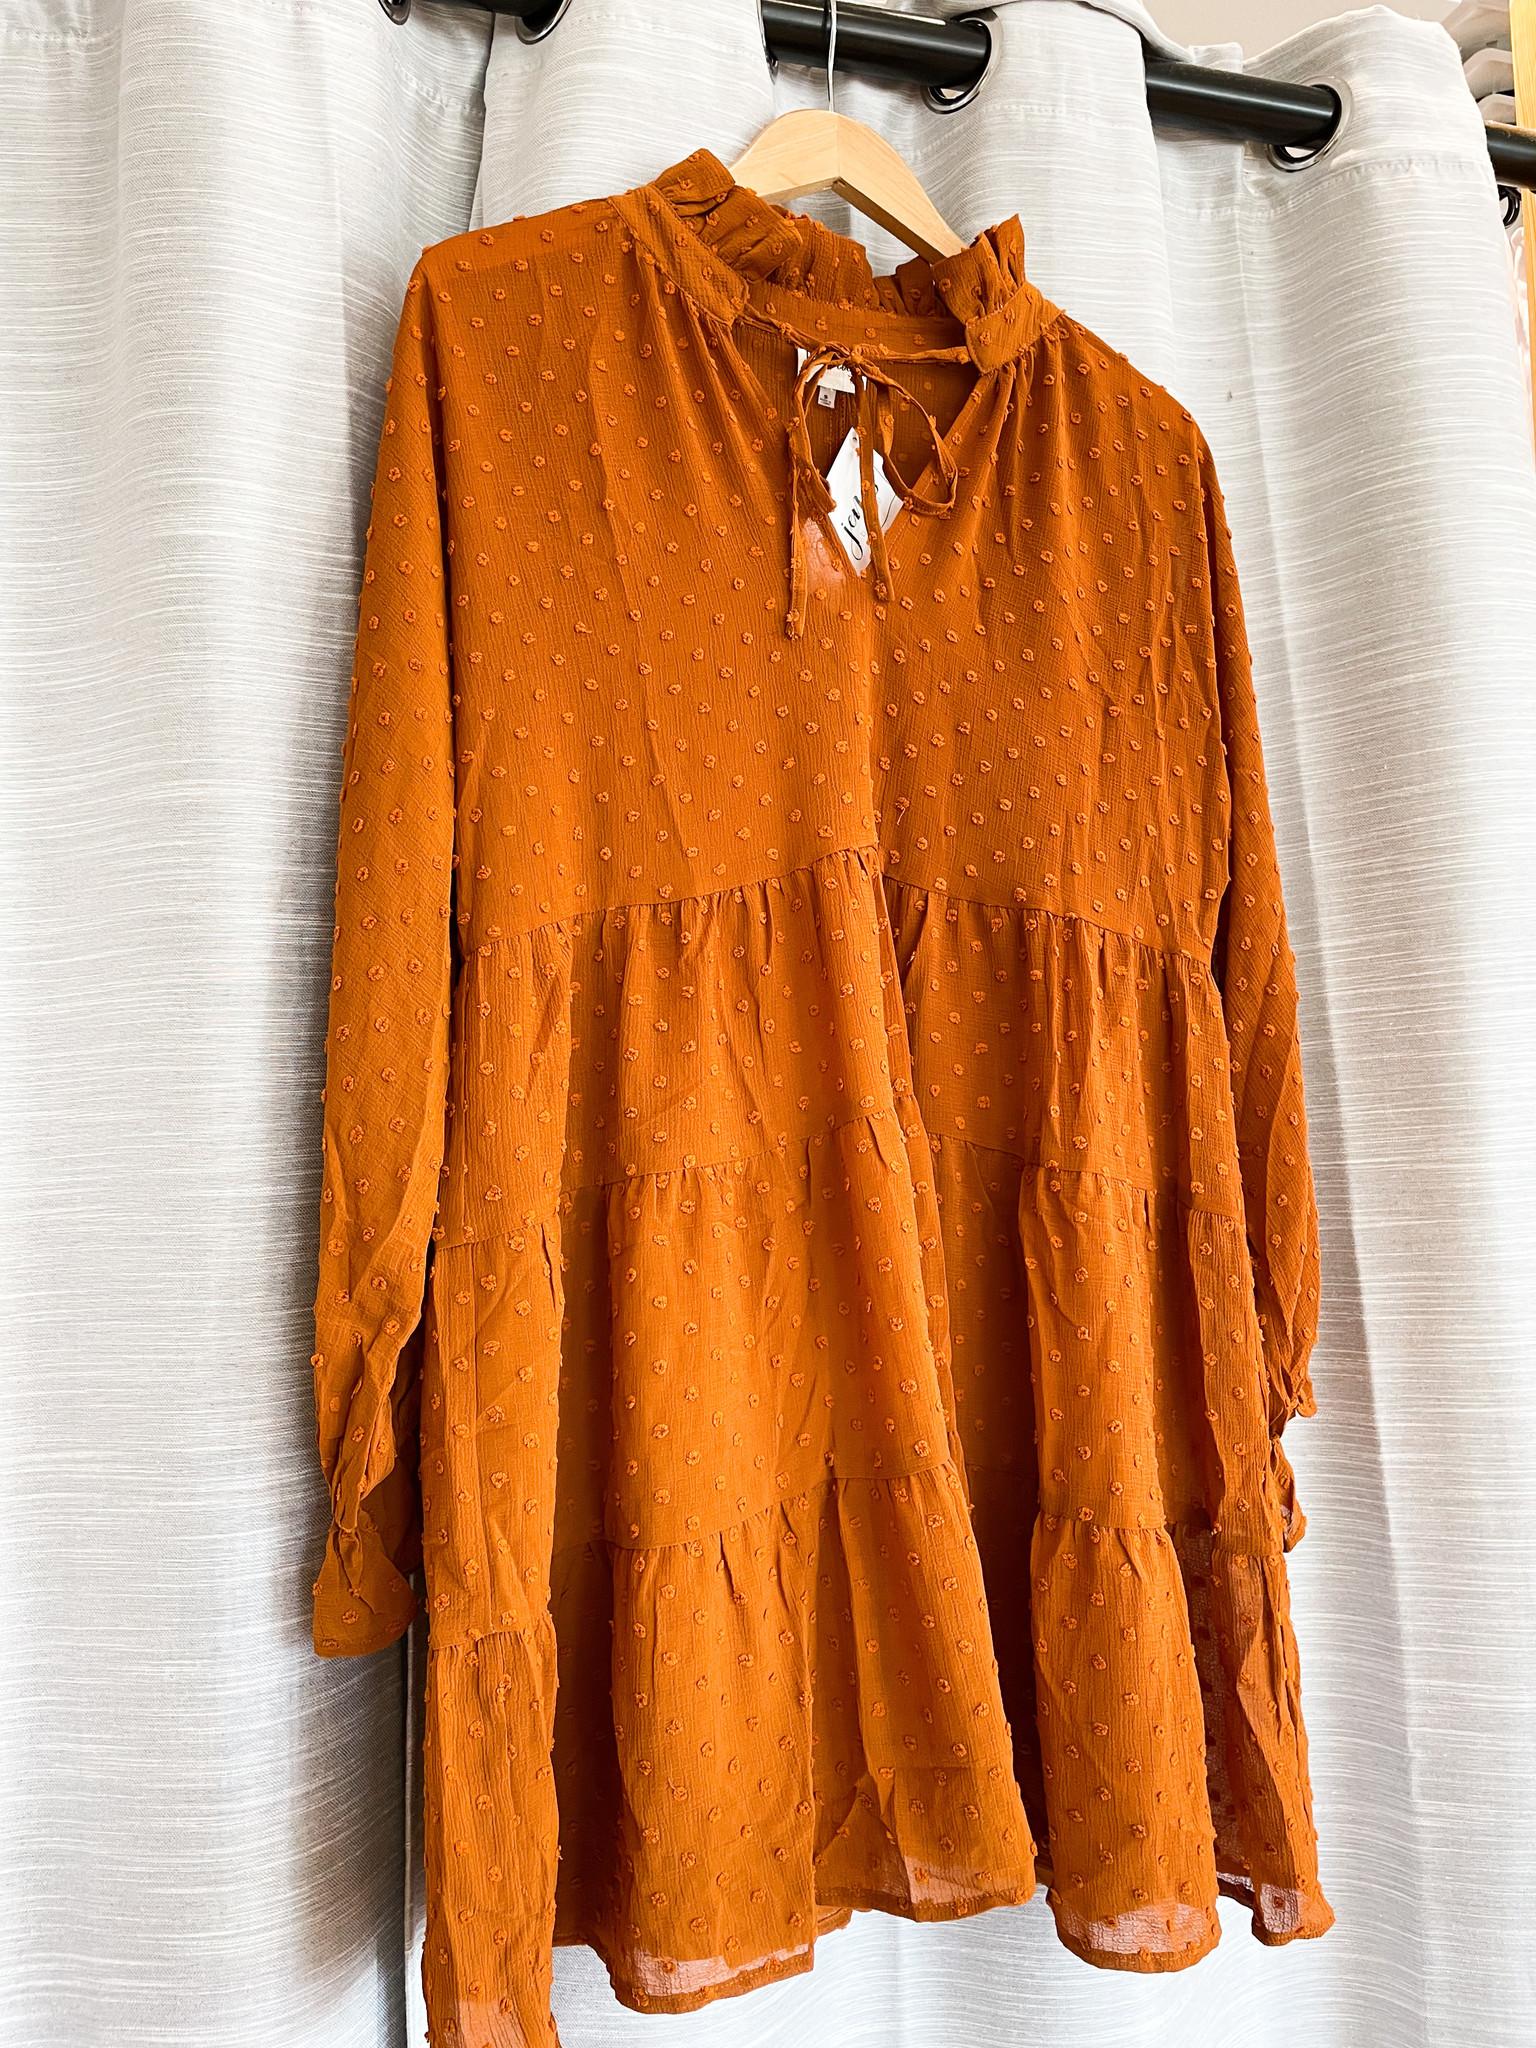 Peach Love California Rust Dress w/ Swiss Dot & High Neck Detail